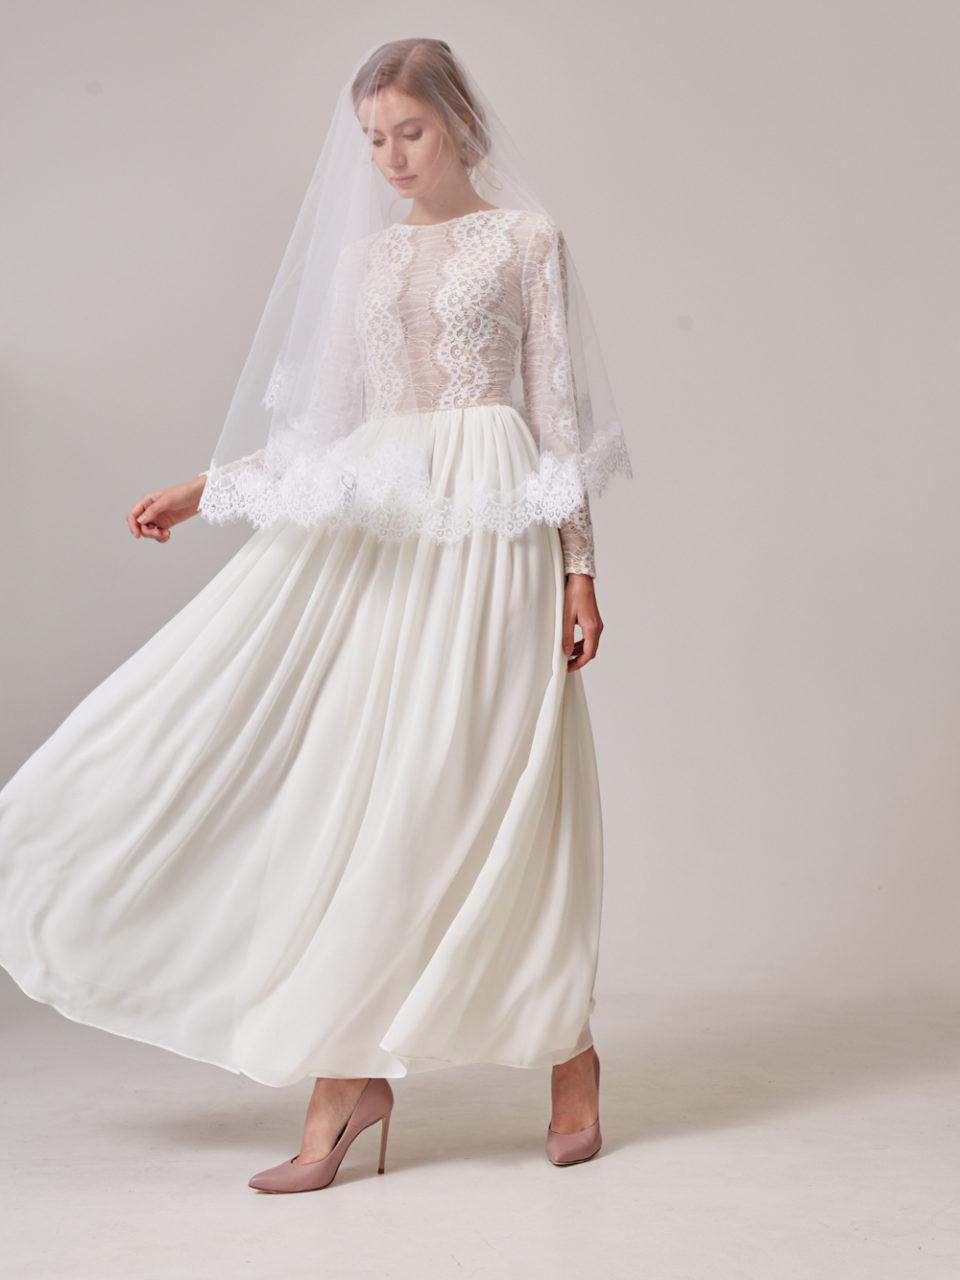 Dress 2025